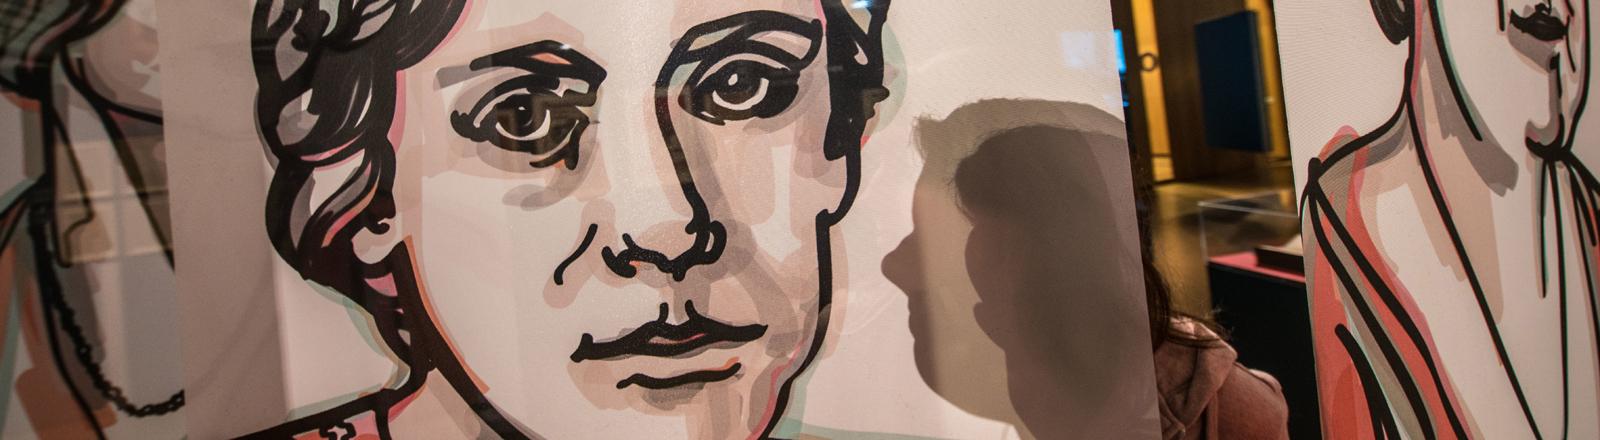 Hessen, Frankfurt/Main: Eine Besucherin der Ausstellung «Damenwahl» steht im Historischen Museum Frankfurt hinter einer Fahne, auf der Marie Juchacz, Gründerin der Arbeiterwohlfahrt (AWO), abgebildet ist. Seit 100 Jahren können Frauen in Deutschland wählen gehen und gewählt werden. Jetzt wird dieses Kapitel der Geschichte neu entdeckt. (zu dpa ««Wir gehören in dieses Haus» - 100 Jahre Frauenwahlrecht» vom 01.11.2018)